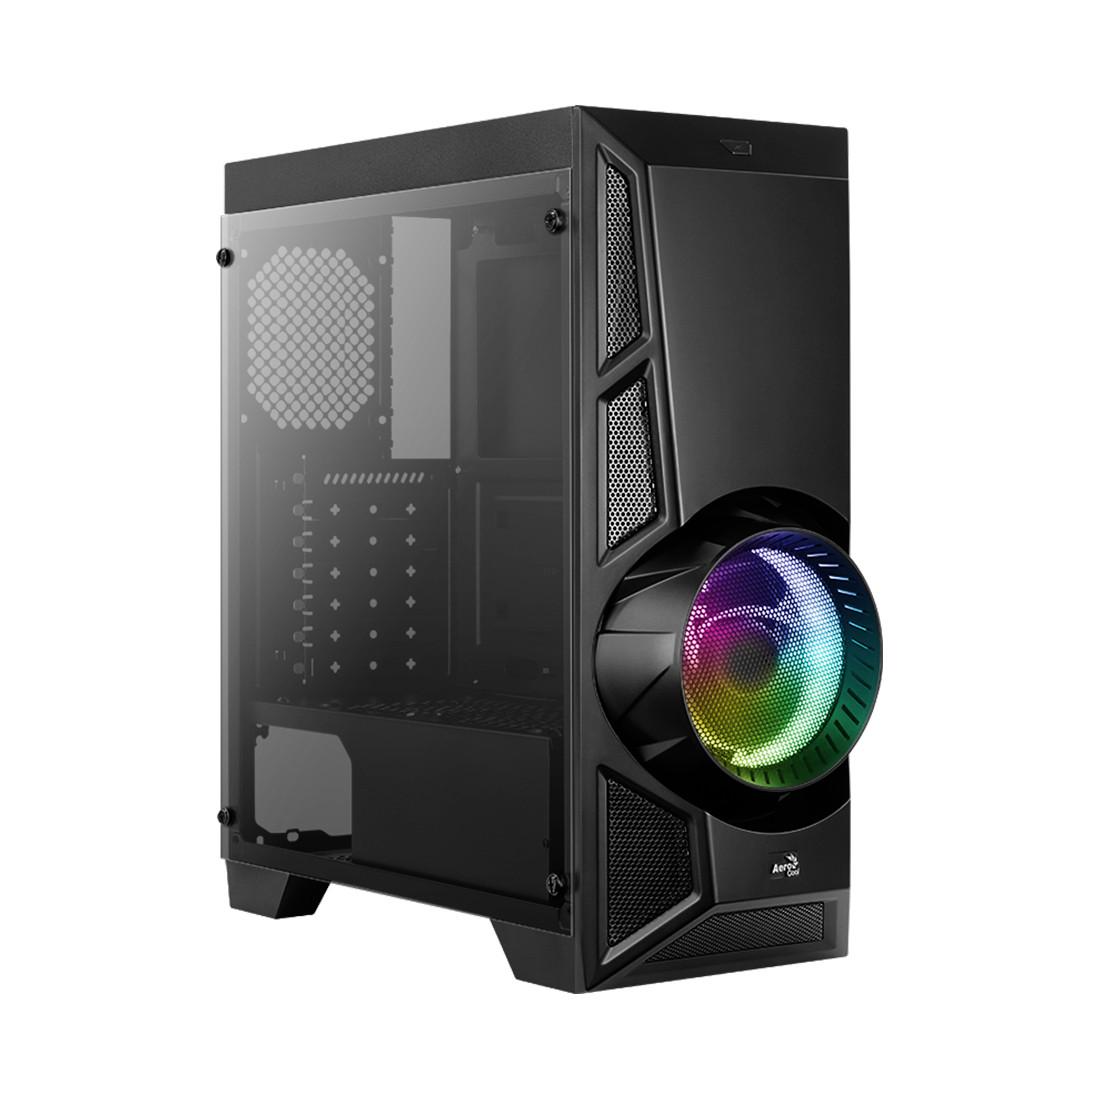 Компьютерный корпус Aerocool AeroEngine RGB